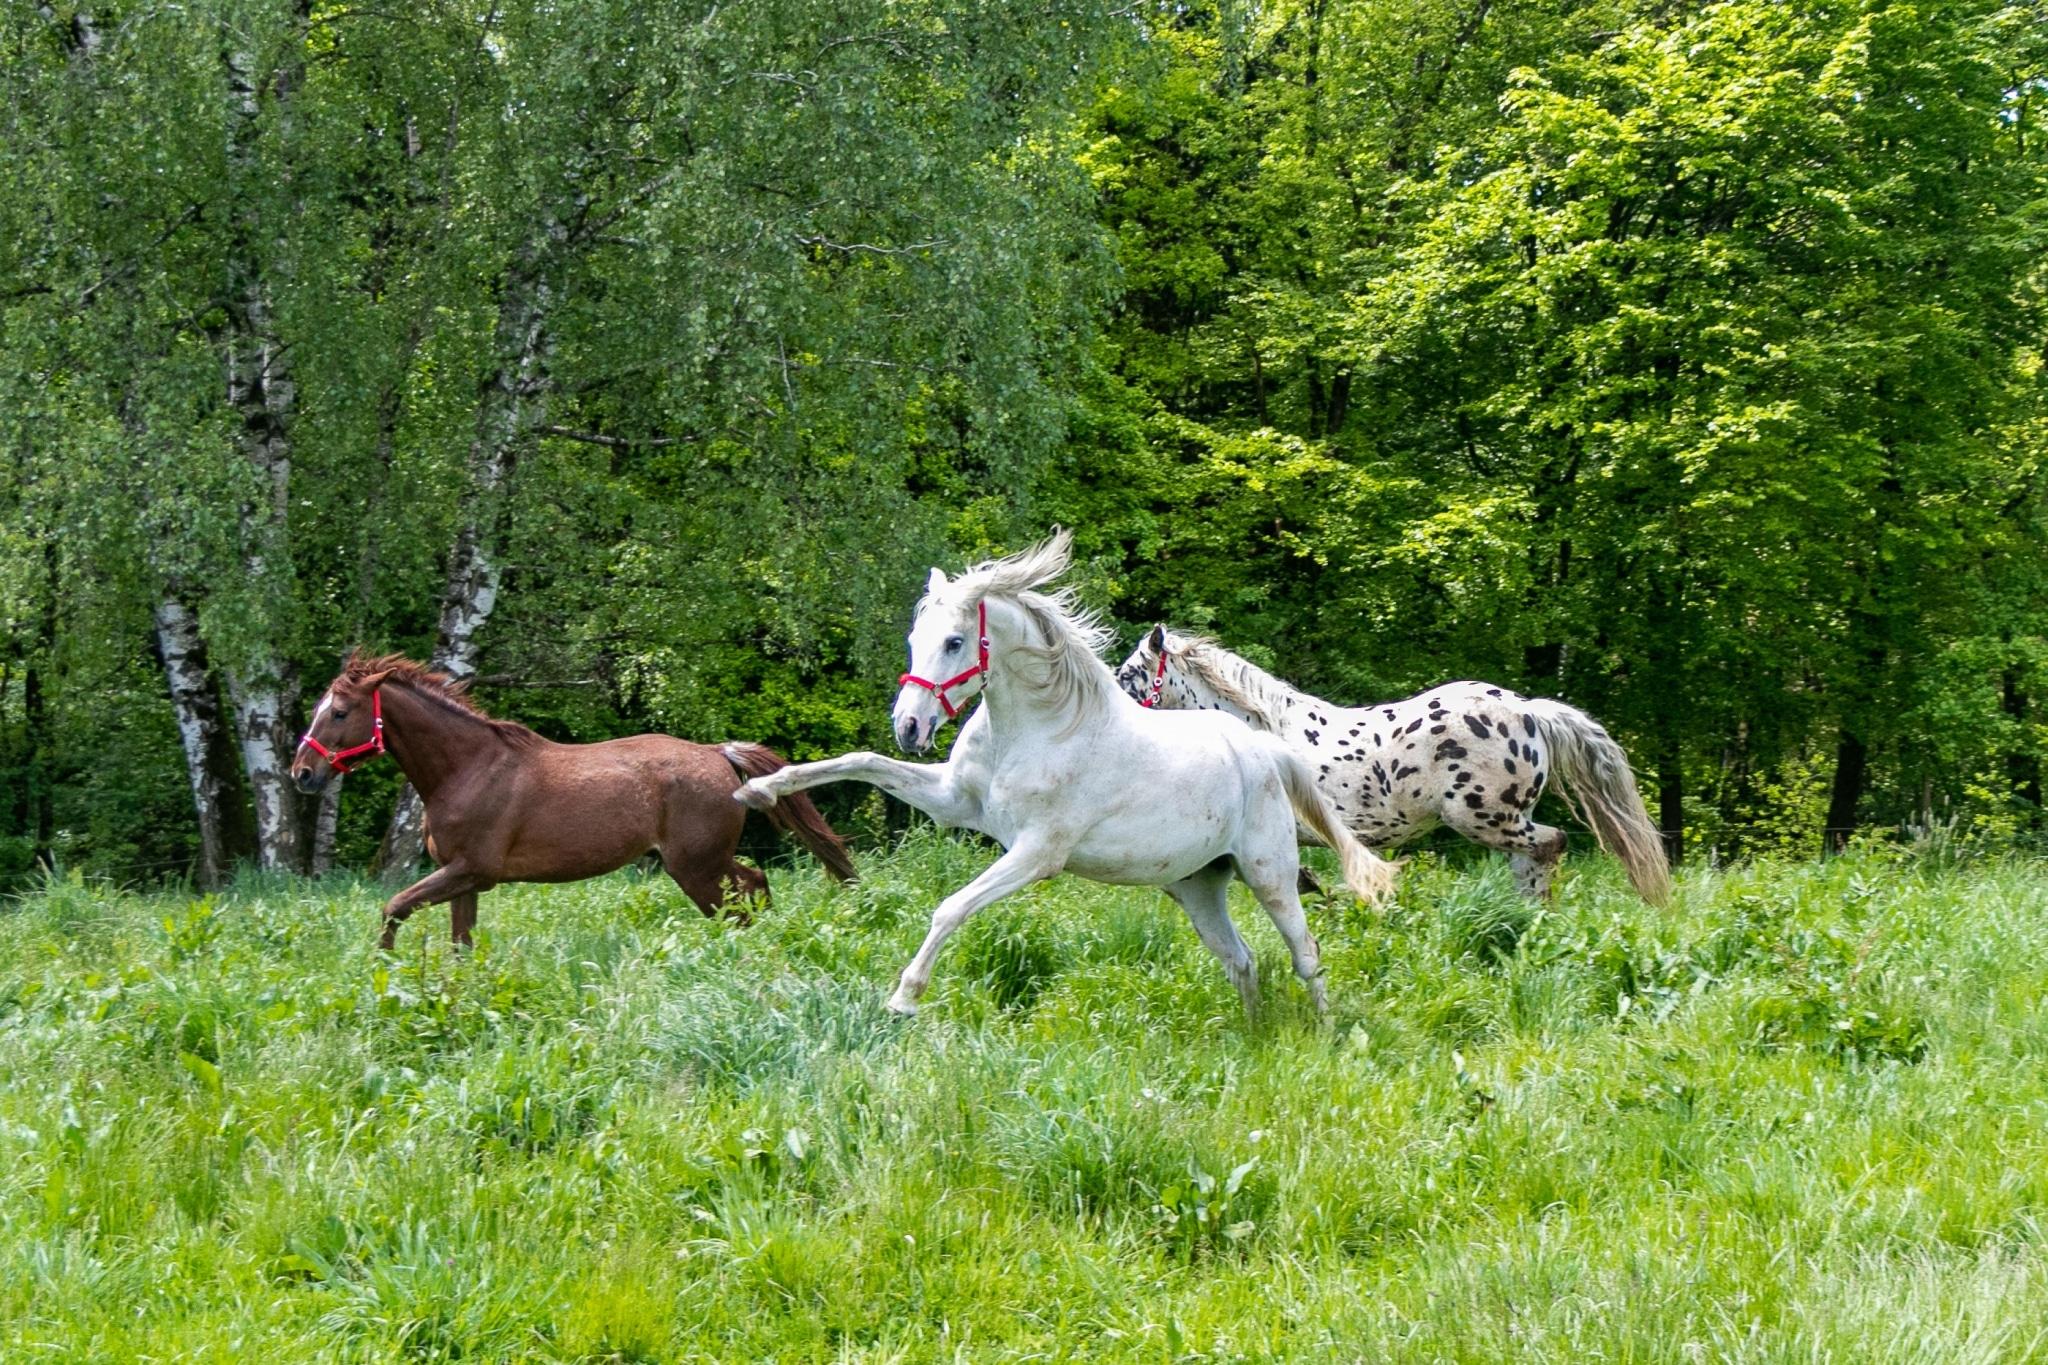 Unsere Pferde genießen den ersten Weidegang auf Gut Aiderbichl Deggendorf